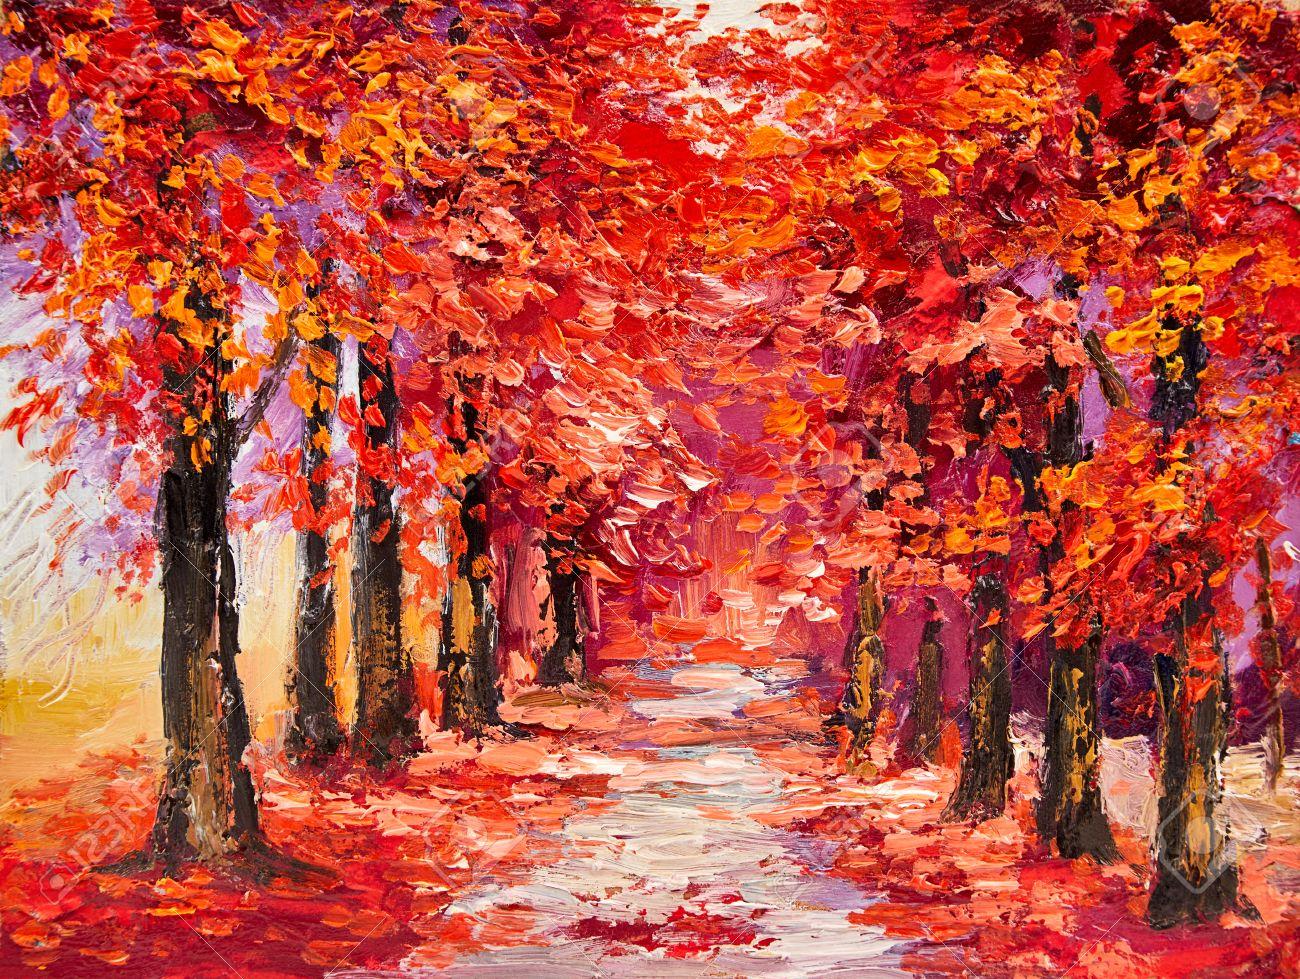 Lgemalde Bunte Baume Im Herbst Impressionismus Kunst Lizenzfreie Fotos Bilder Und Stock Fotografie Image 65141800